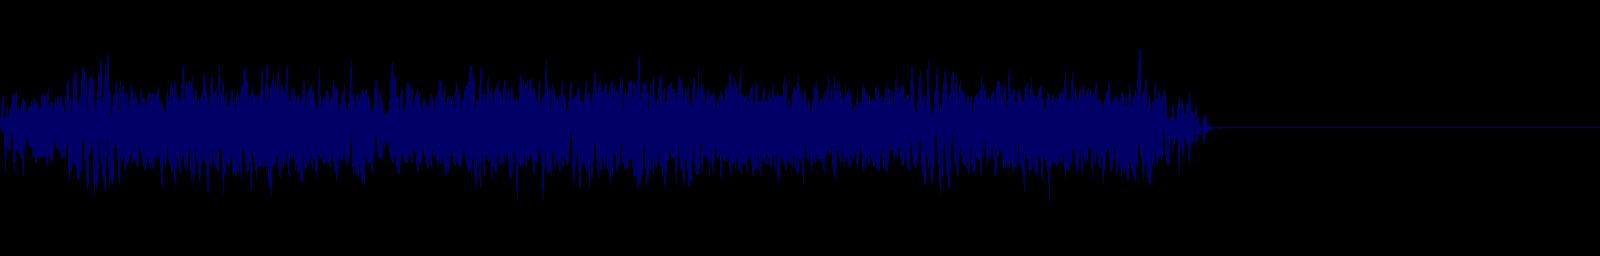 waveform of track #102230